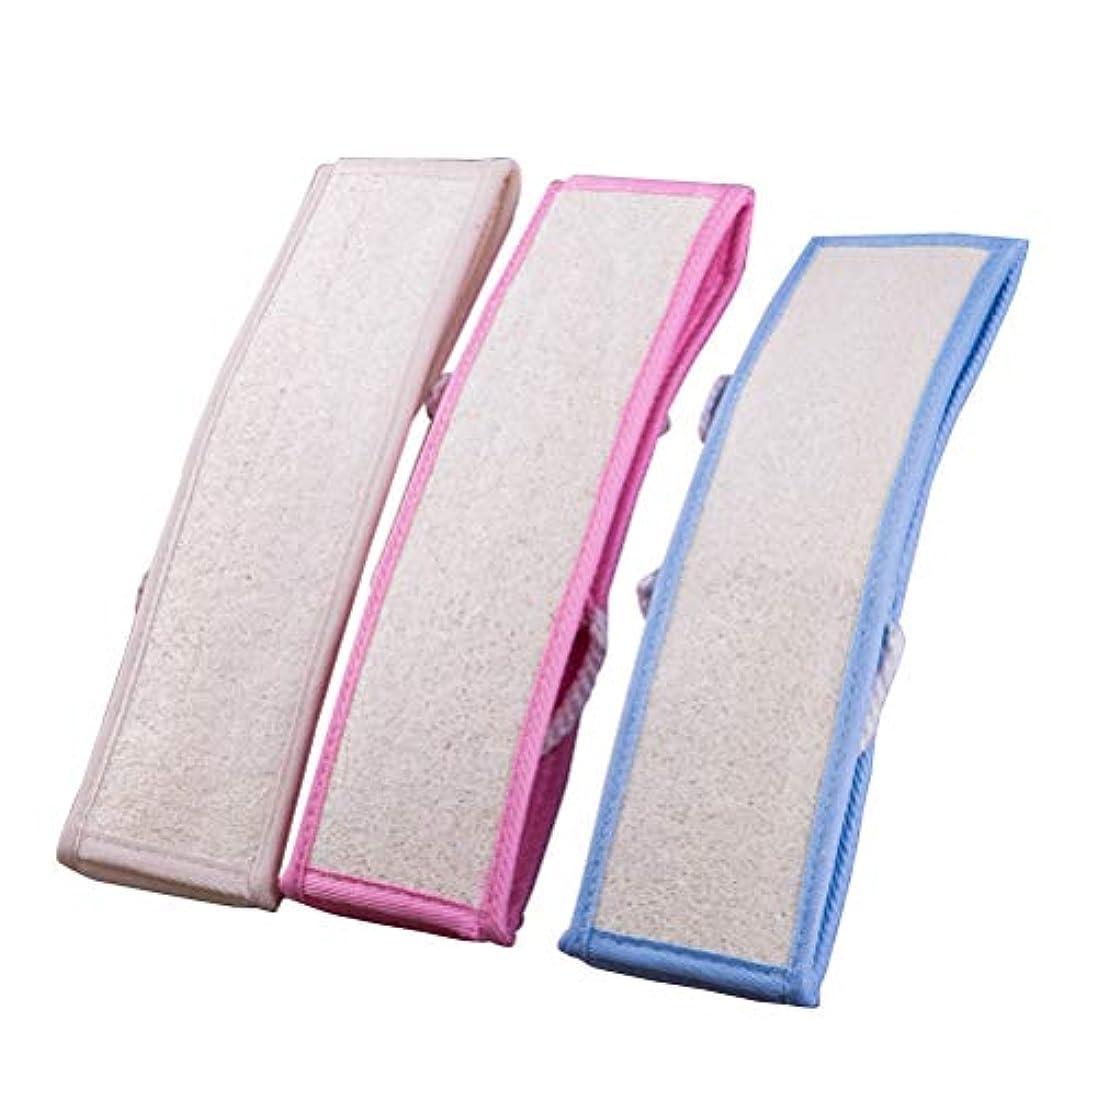 サリー最大化する相反するHealifty 3本のLoofahバックストラップ剥離バックスクラバーロングシャワーバスLoofah(青、ピンク、白各1個)